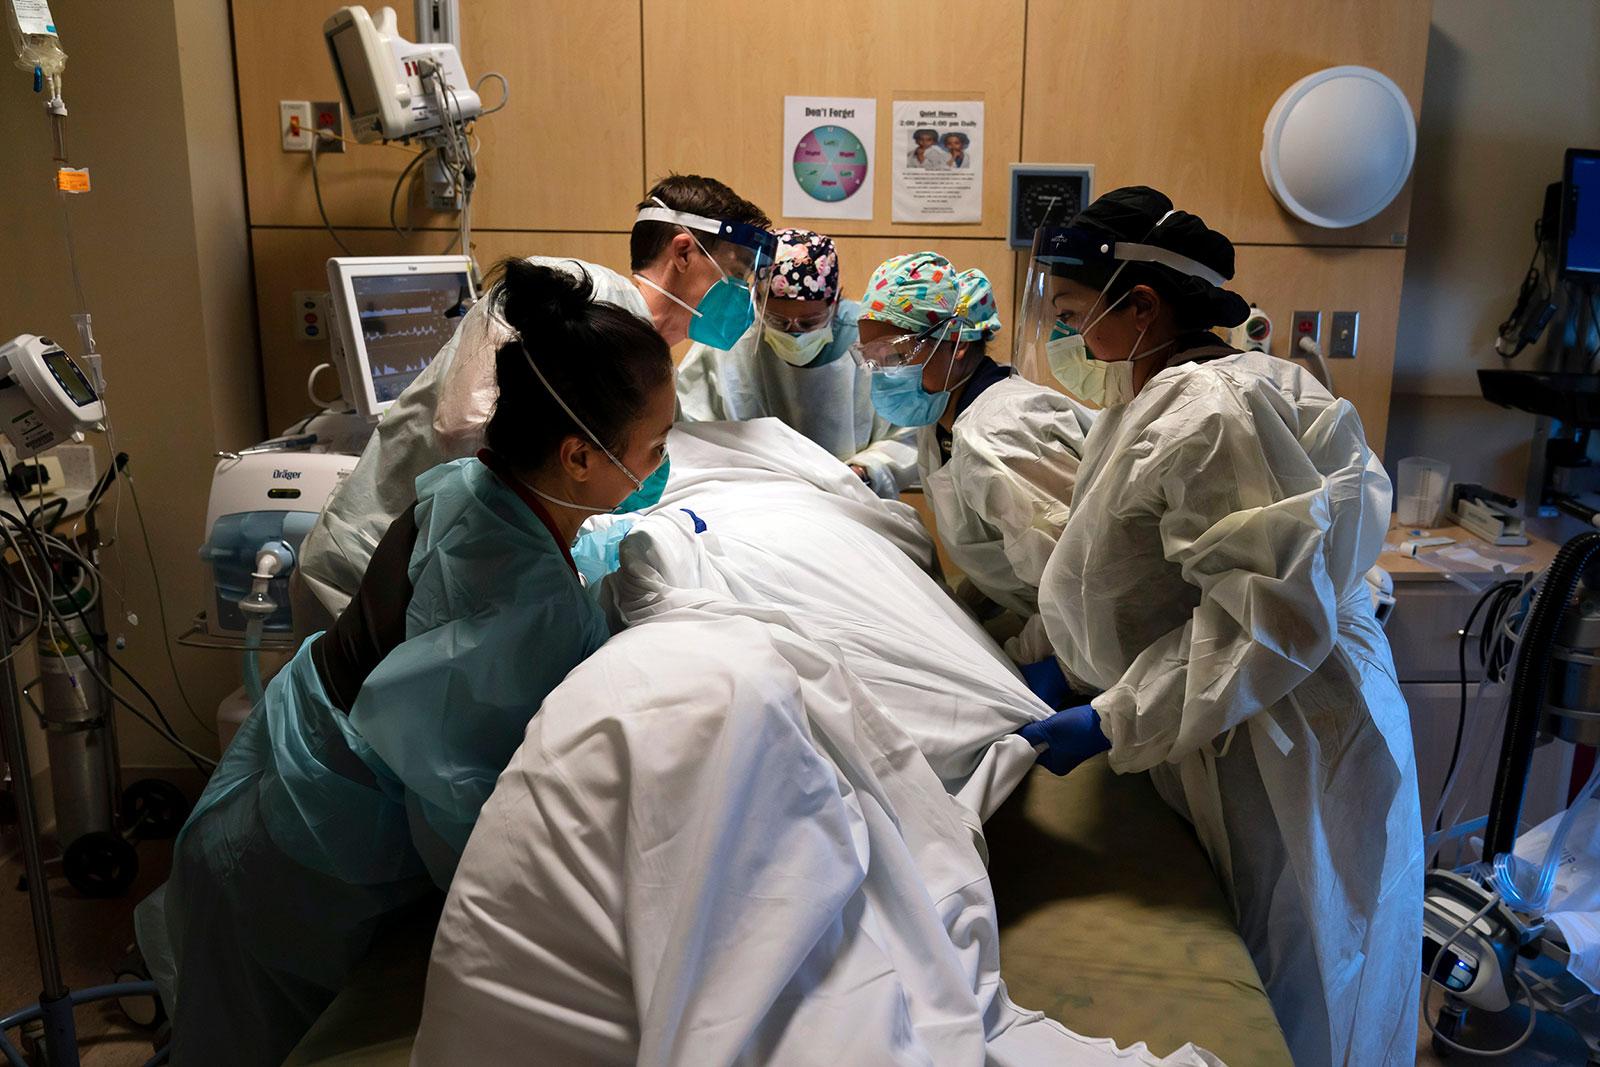 11/30美国疫情更新:莫德纳疫苗申请FDA紧急授权;加州ICU病房近饱和 州长拟重施居家令